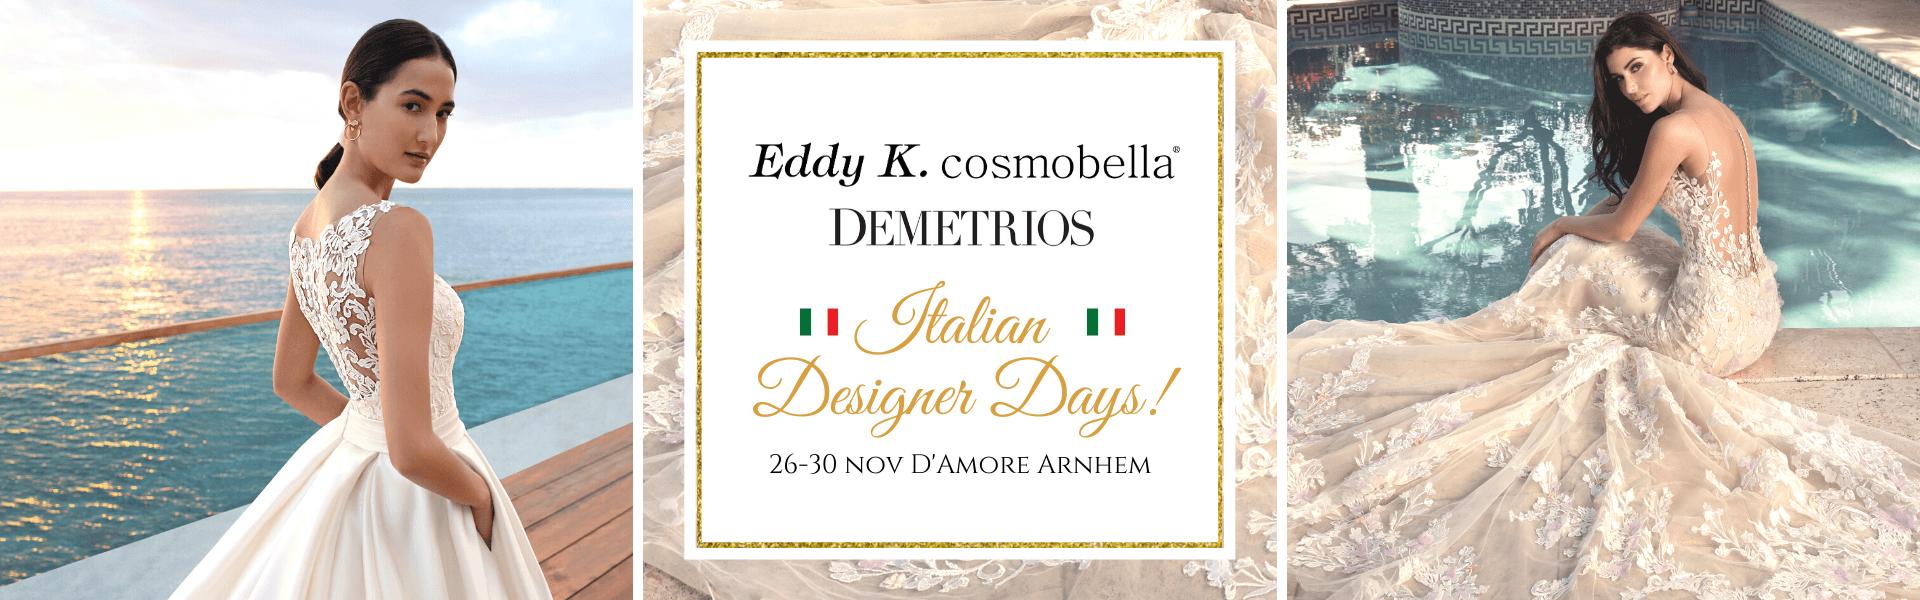 Italian Designer Days